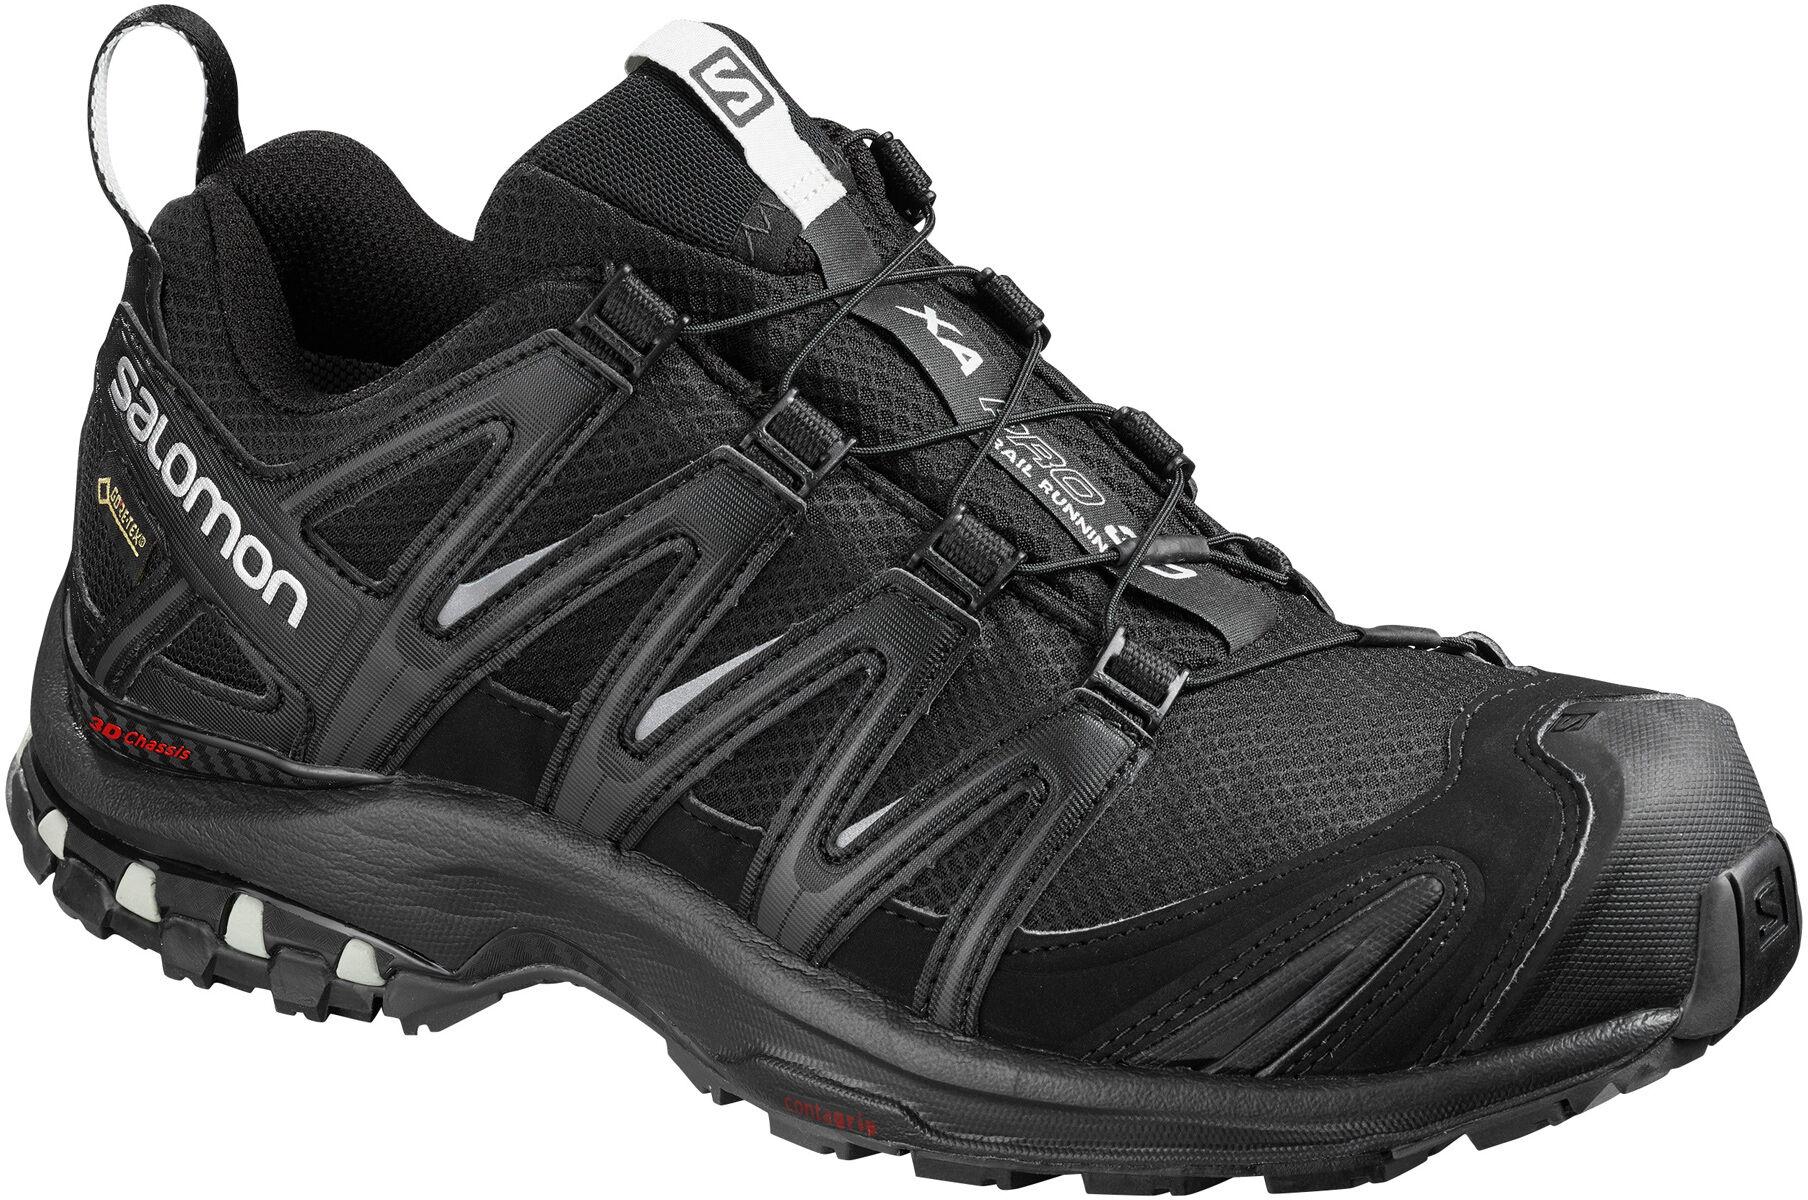 Schuhe für Damen online kaufen   INTERSPORT